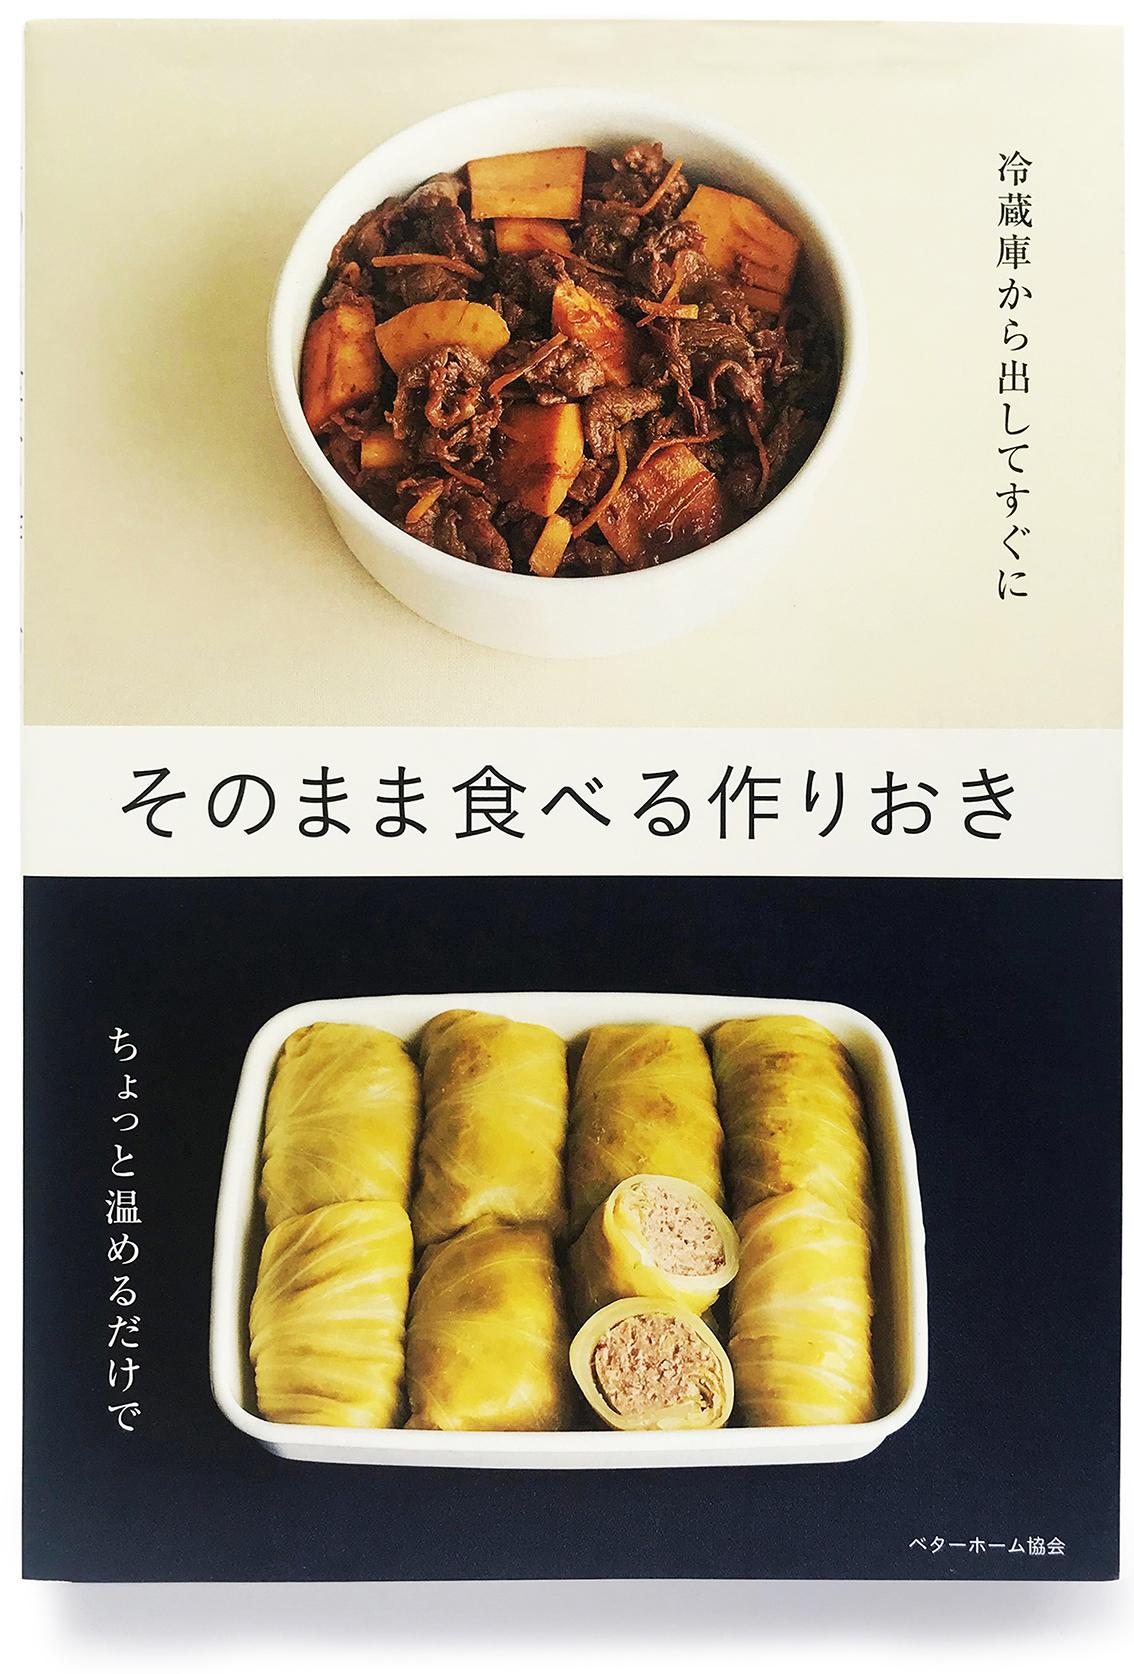 『そのまま食べる作りおき』